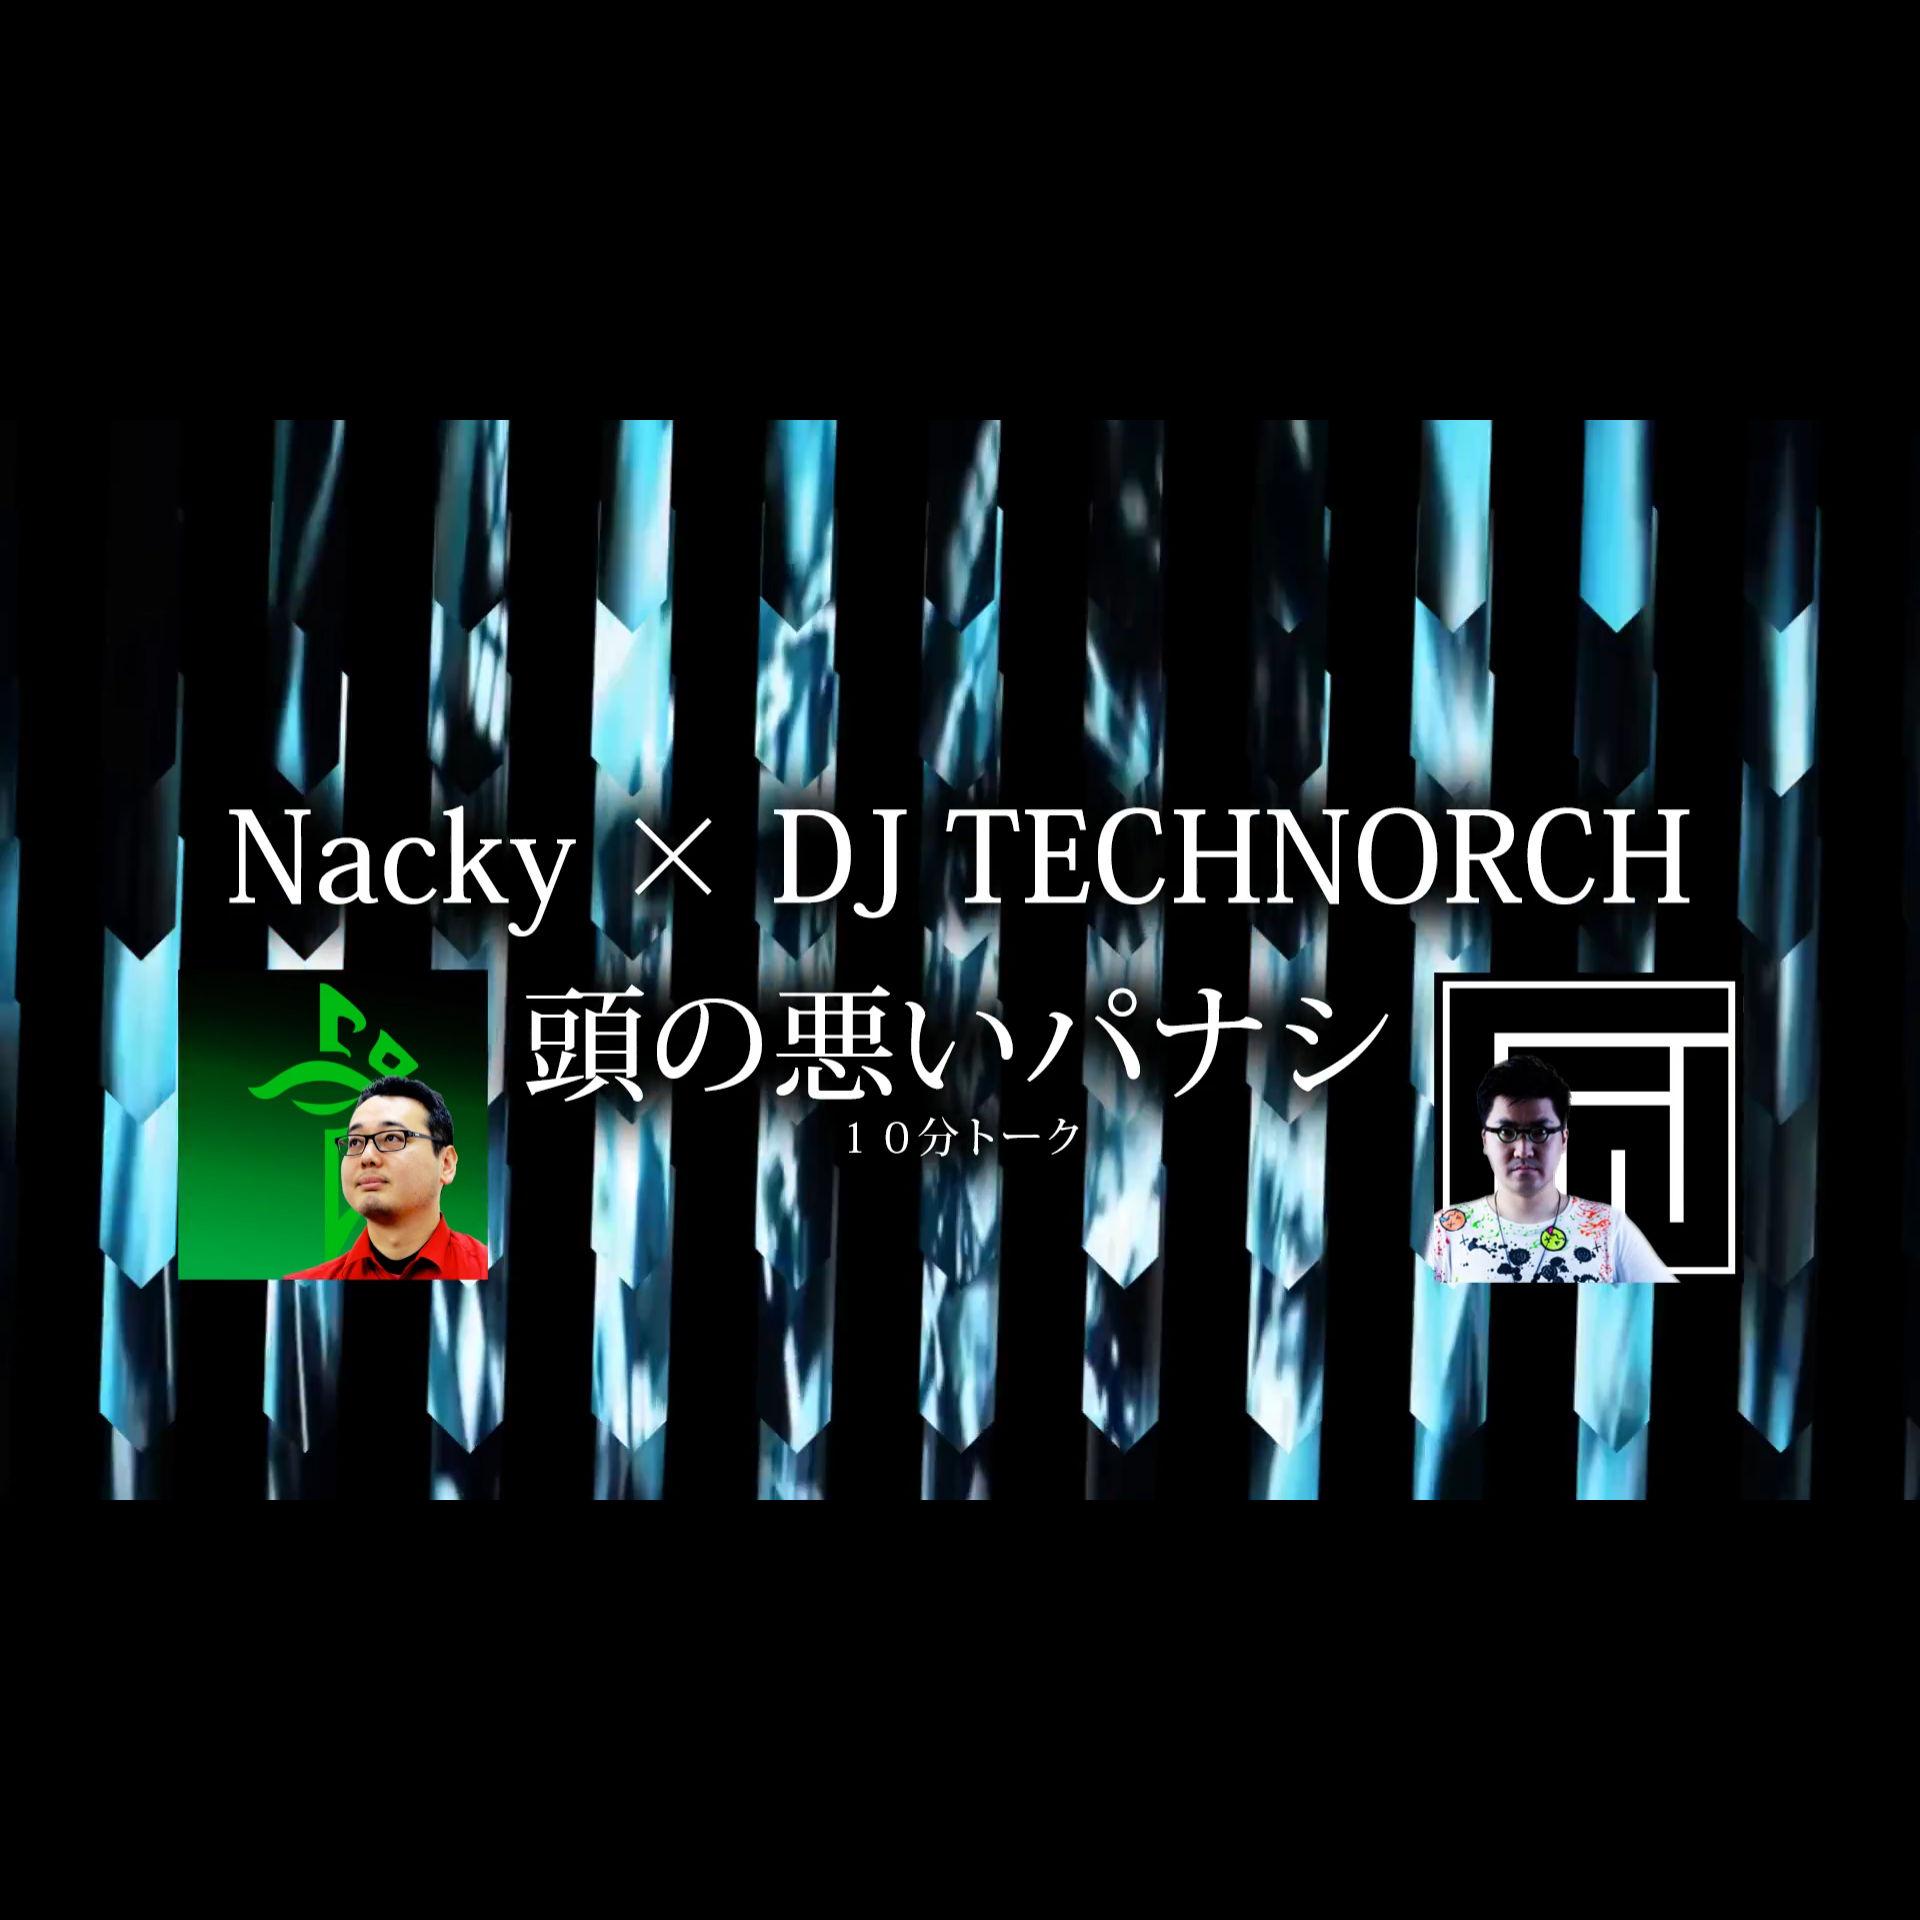 Nacky × DJ TECHNORCH 頭の悪いパナシ